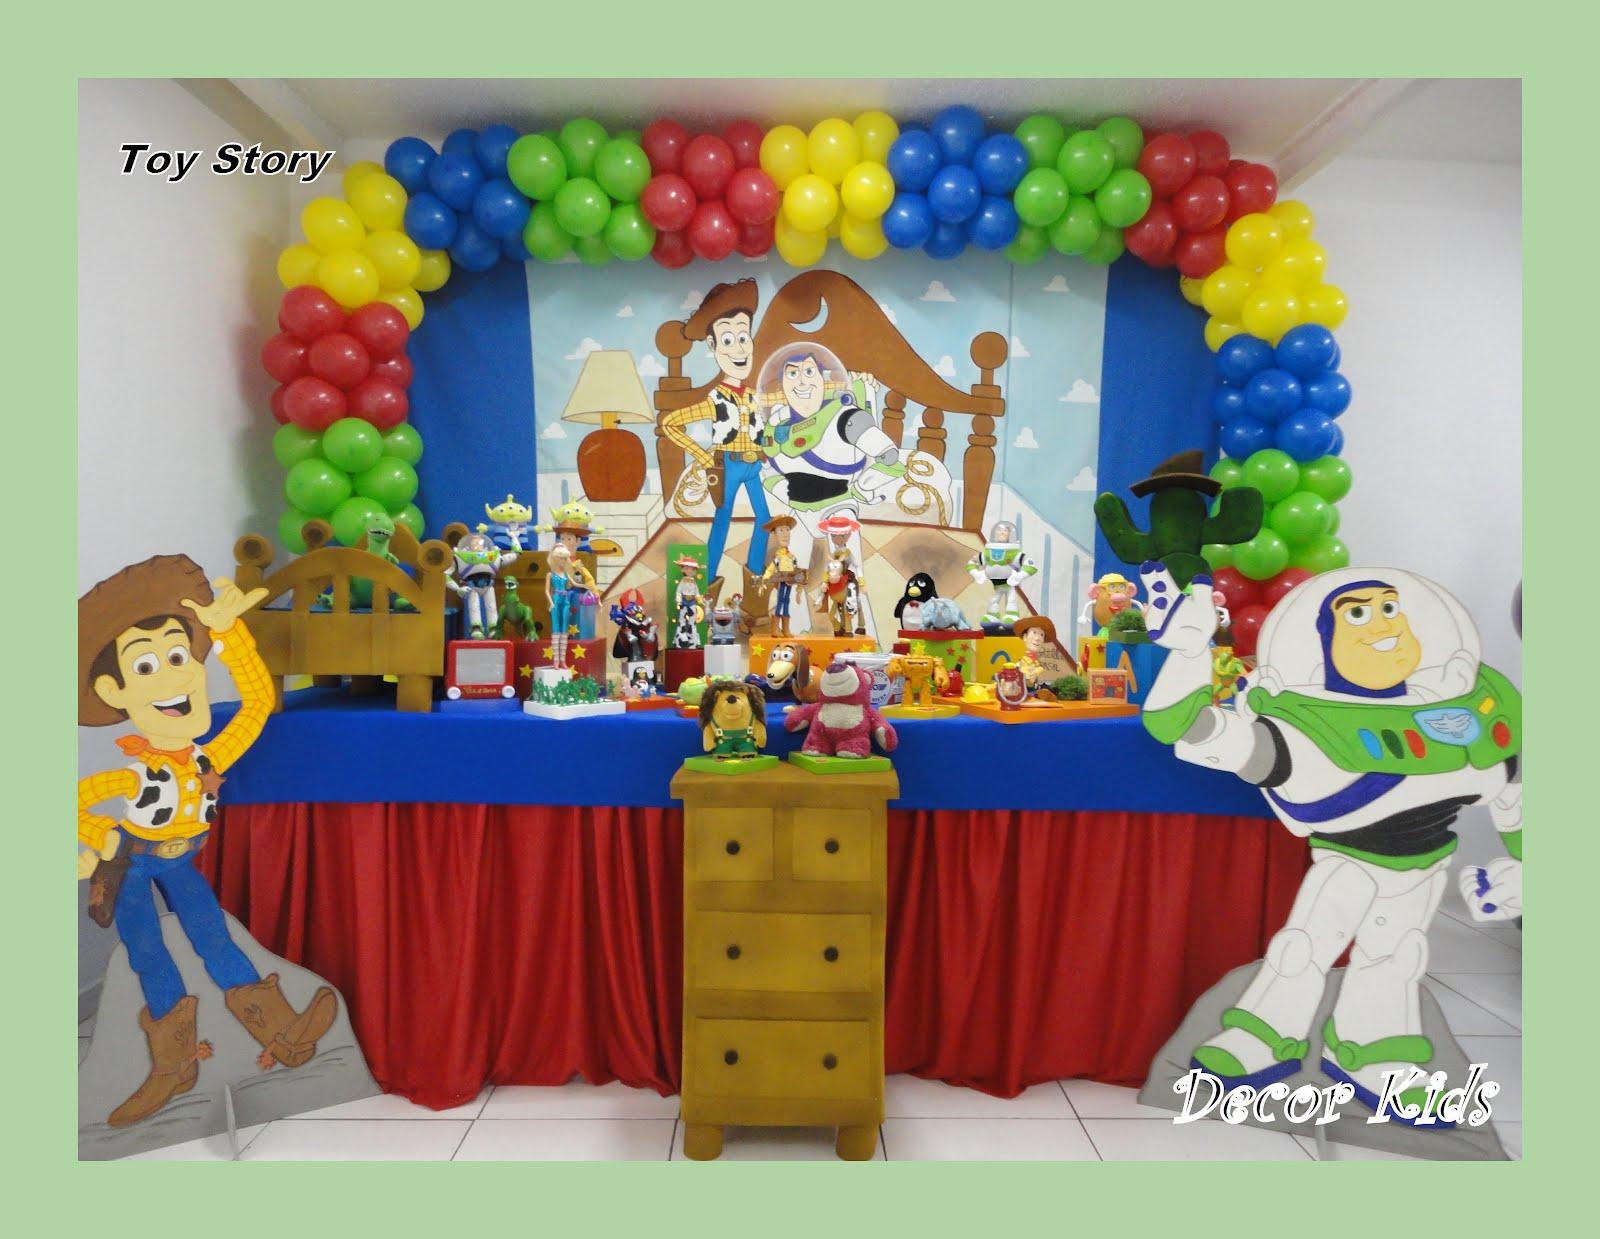 Toy Story 4 2012 : Decor kids decorações infantis toy story